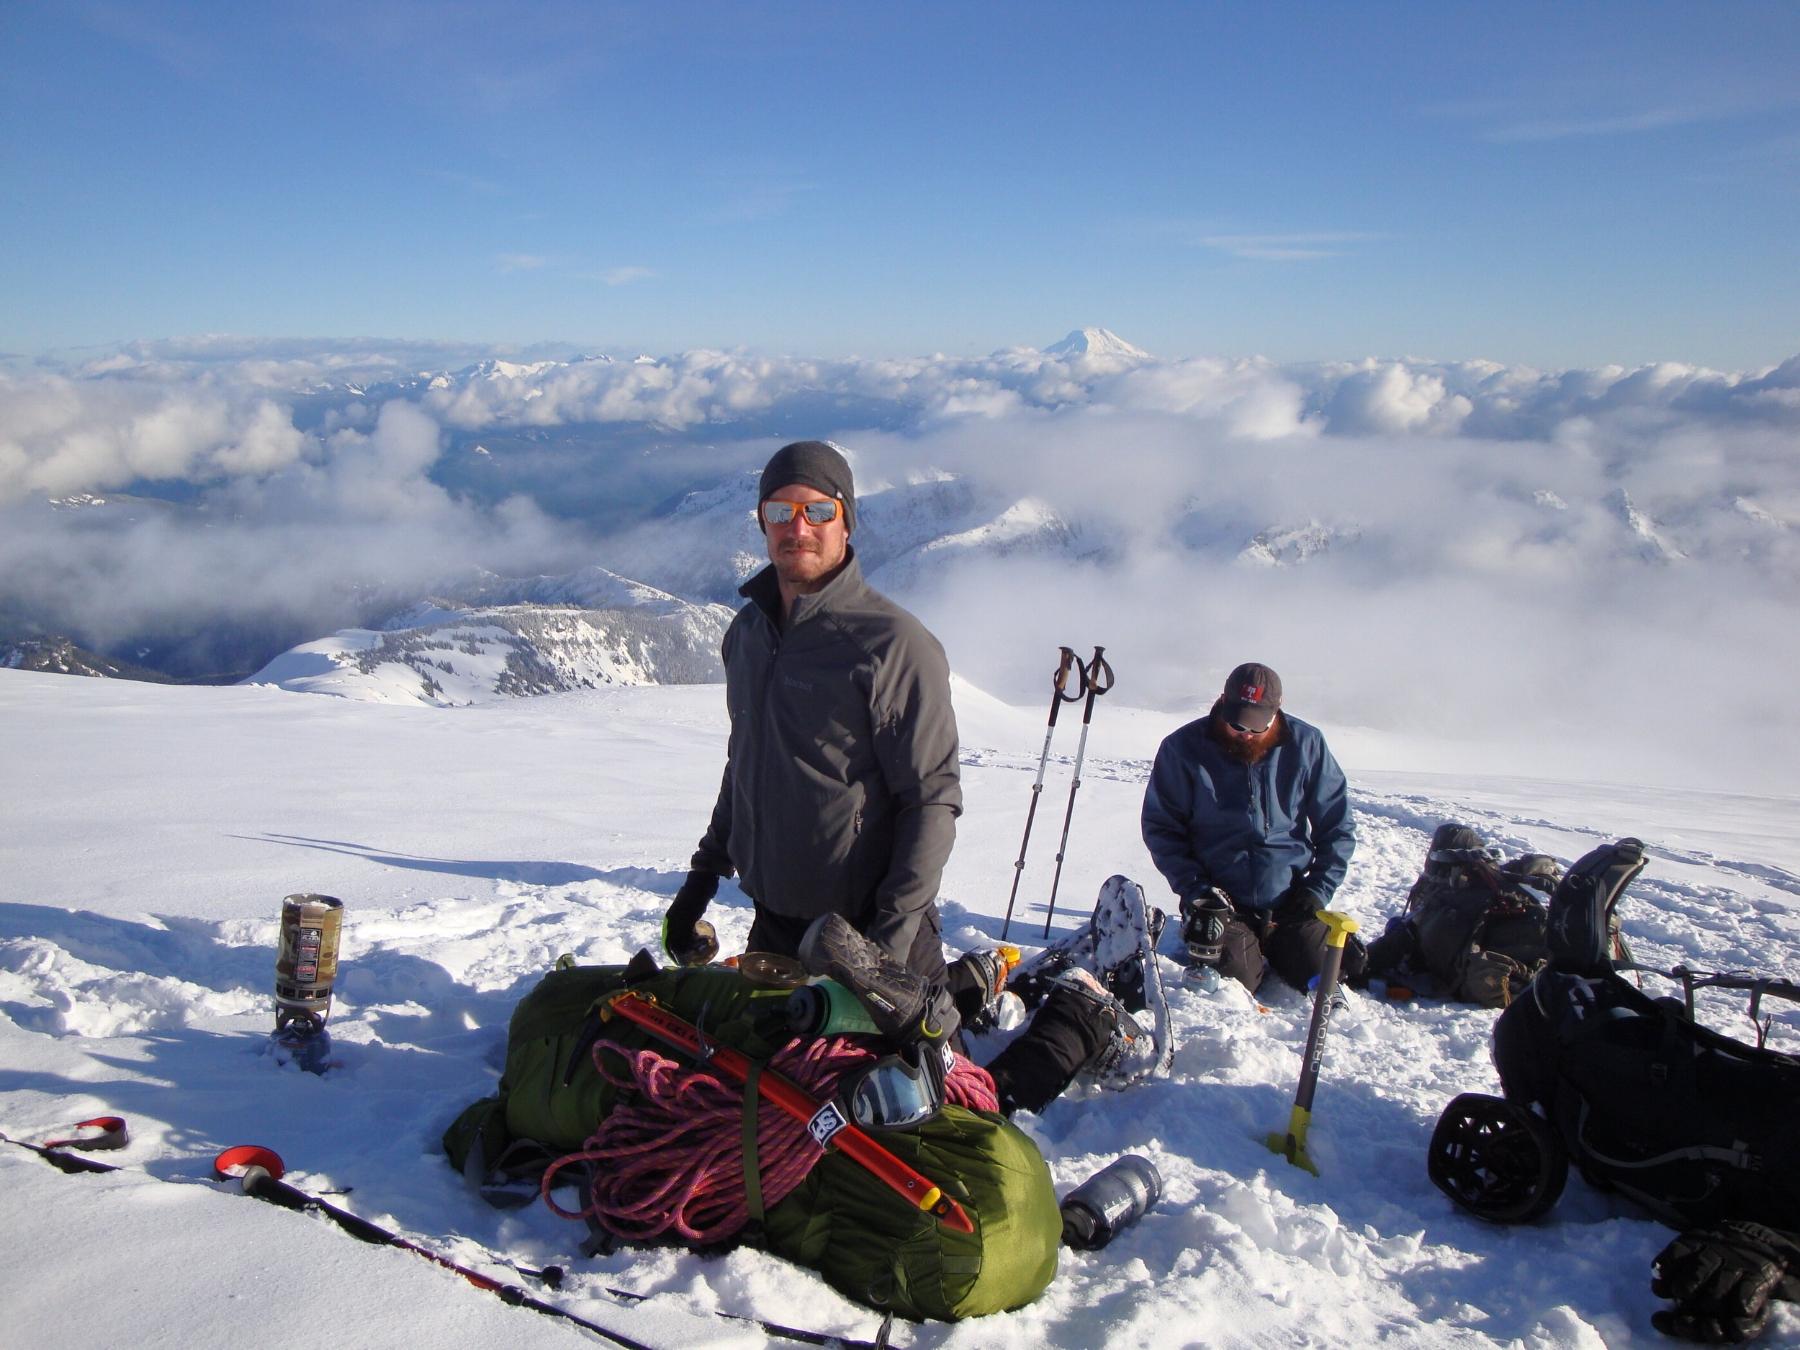 Prior training on Mt. Rainier